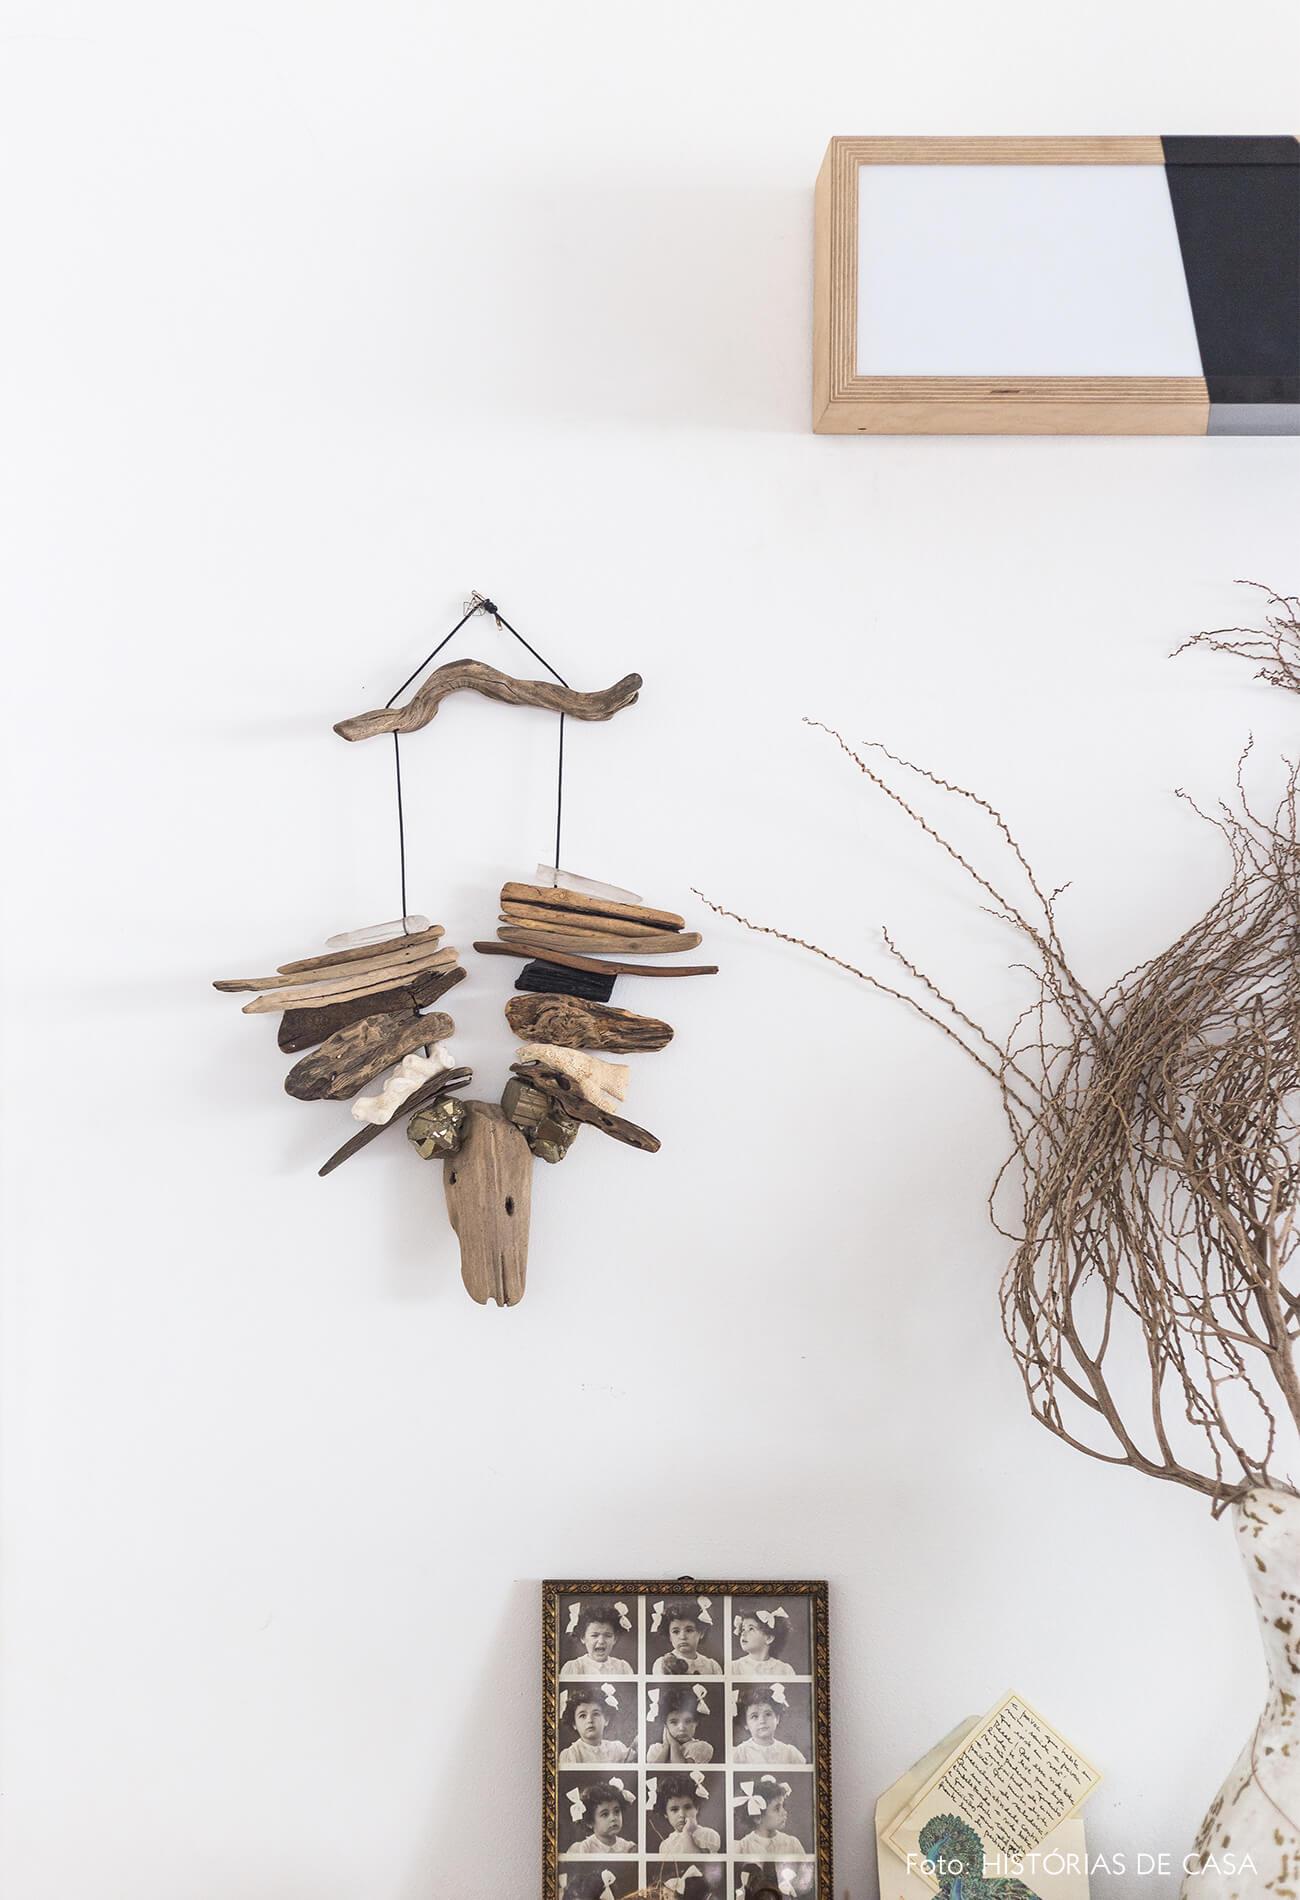 decoração detalhes de objetos de madeira em parede branca